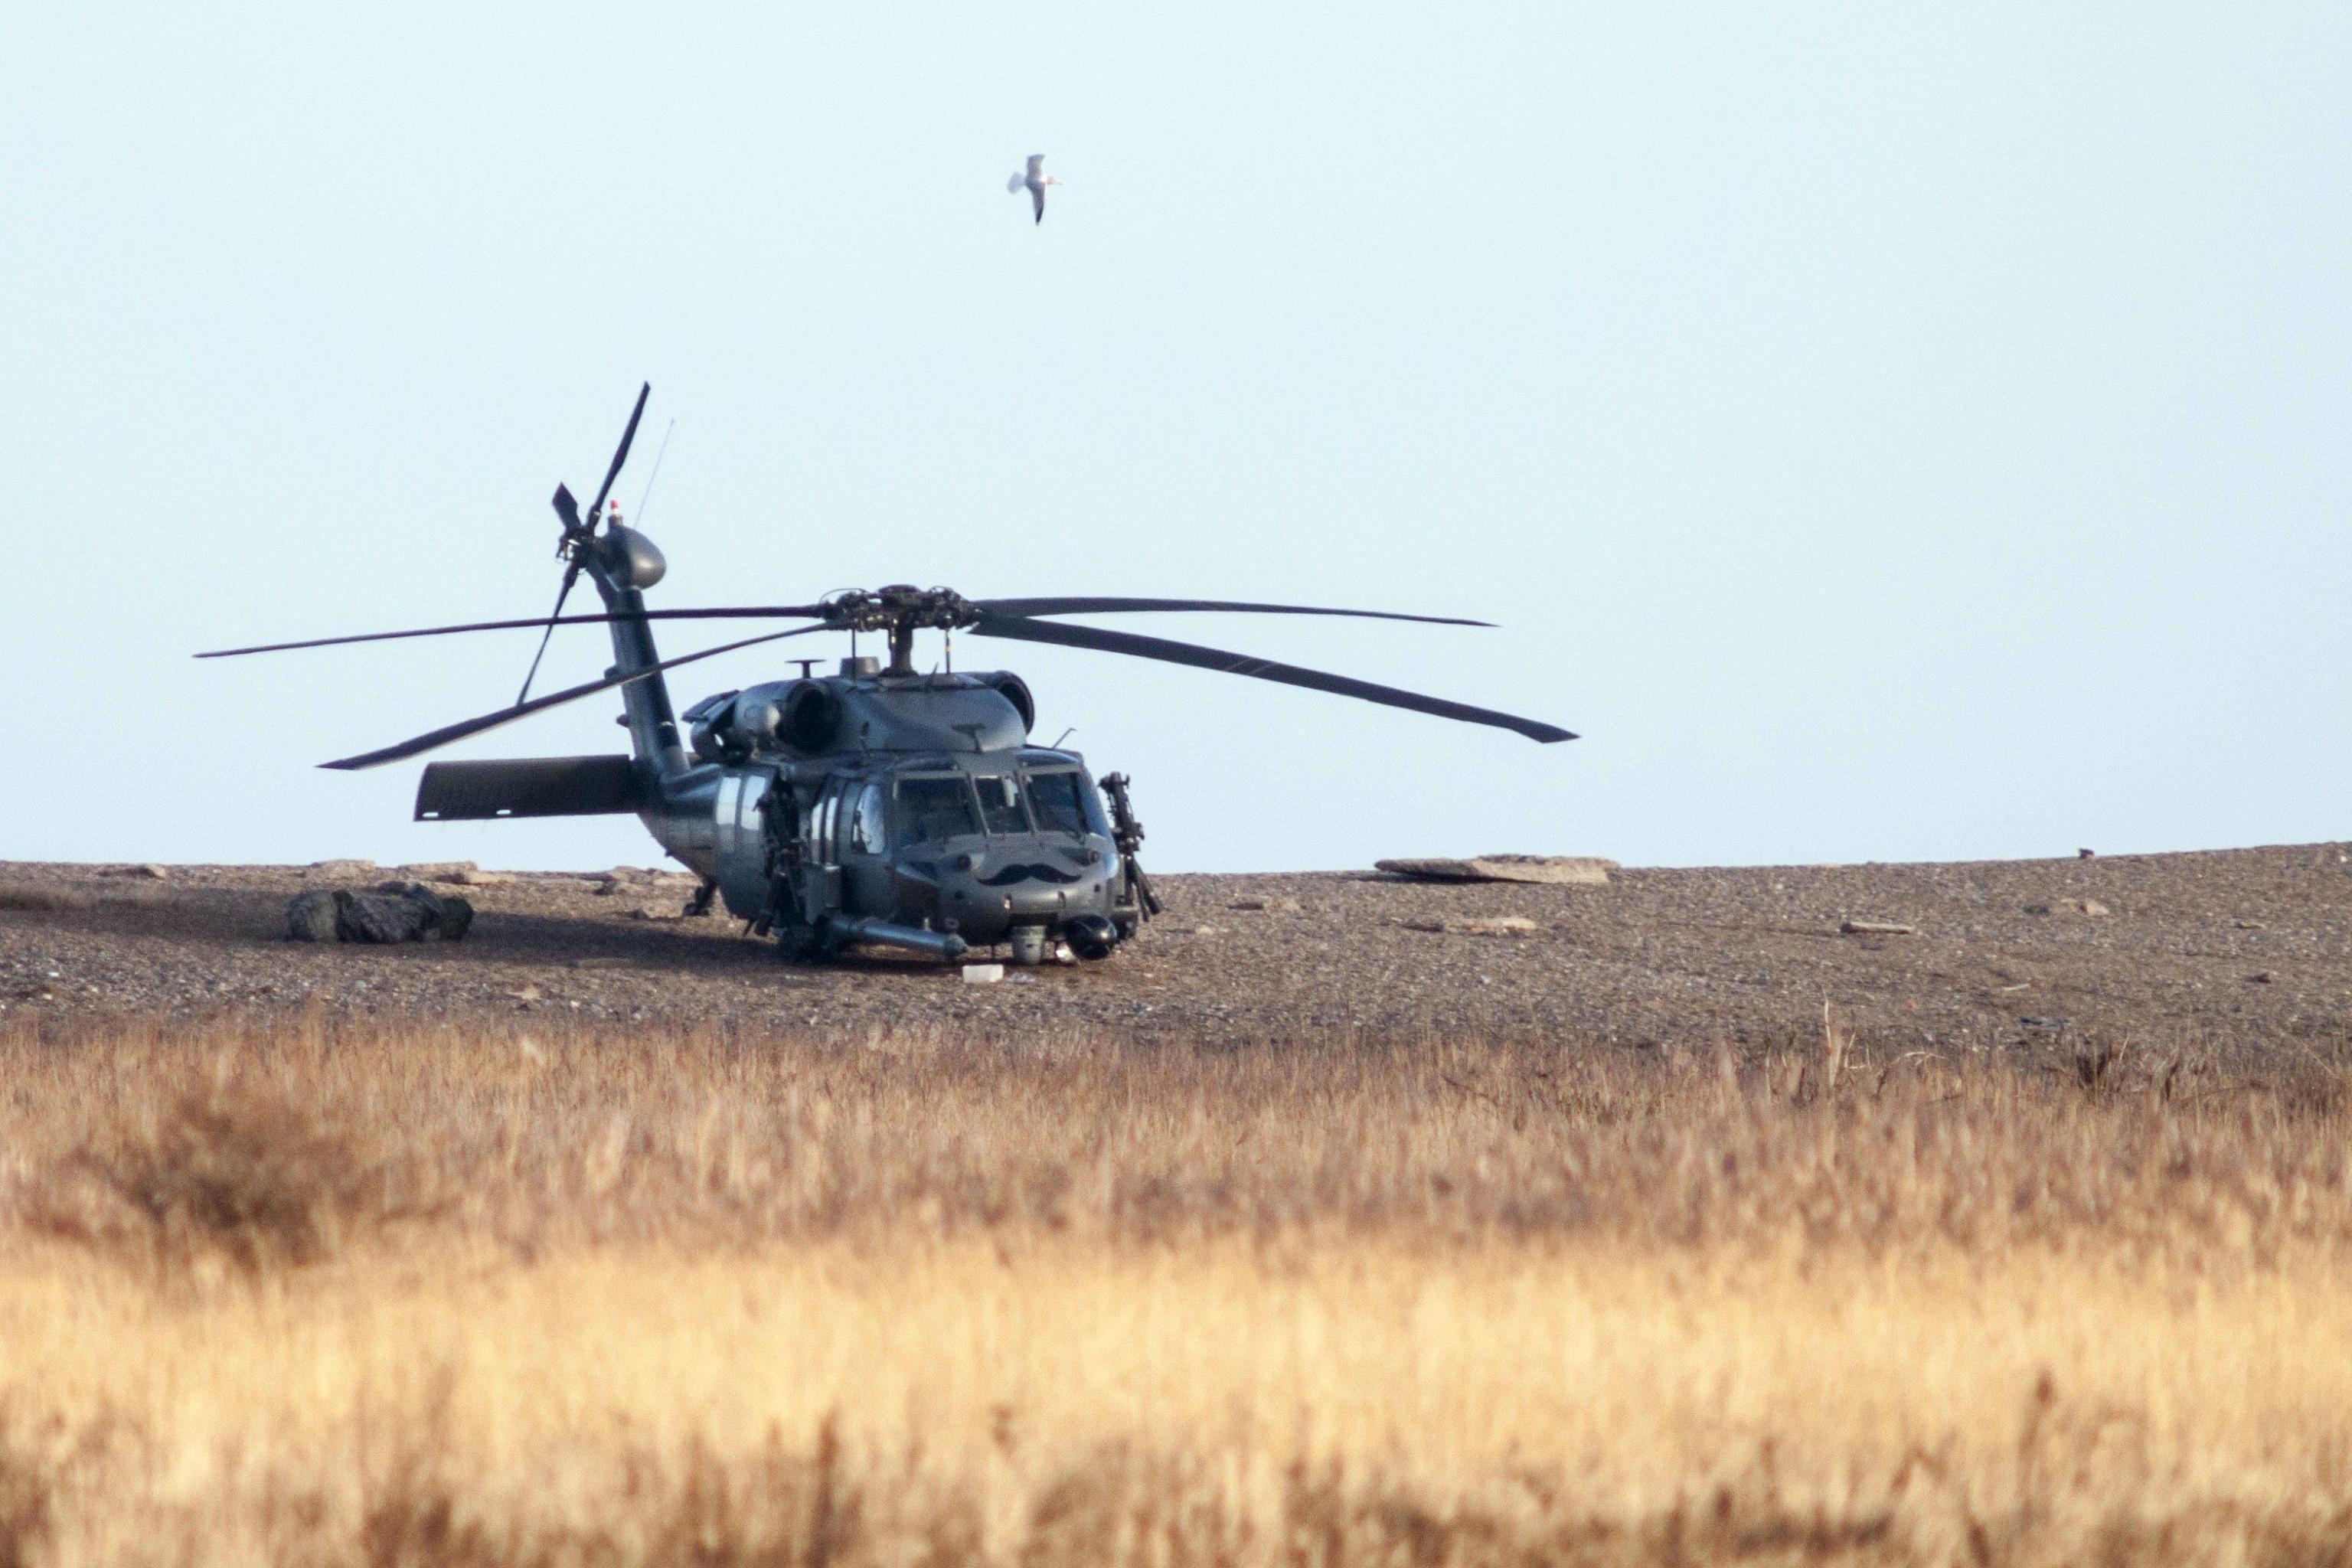 Elicottero Usa : Elicottero usa precipita in gran bretagna photogallery